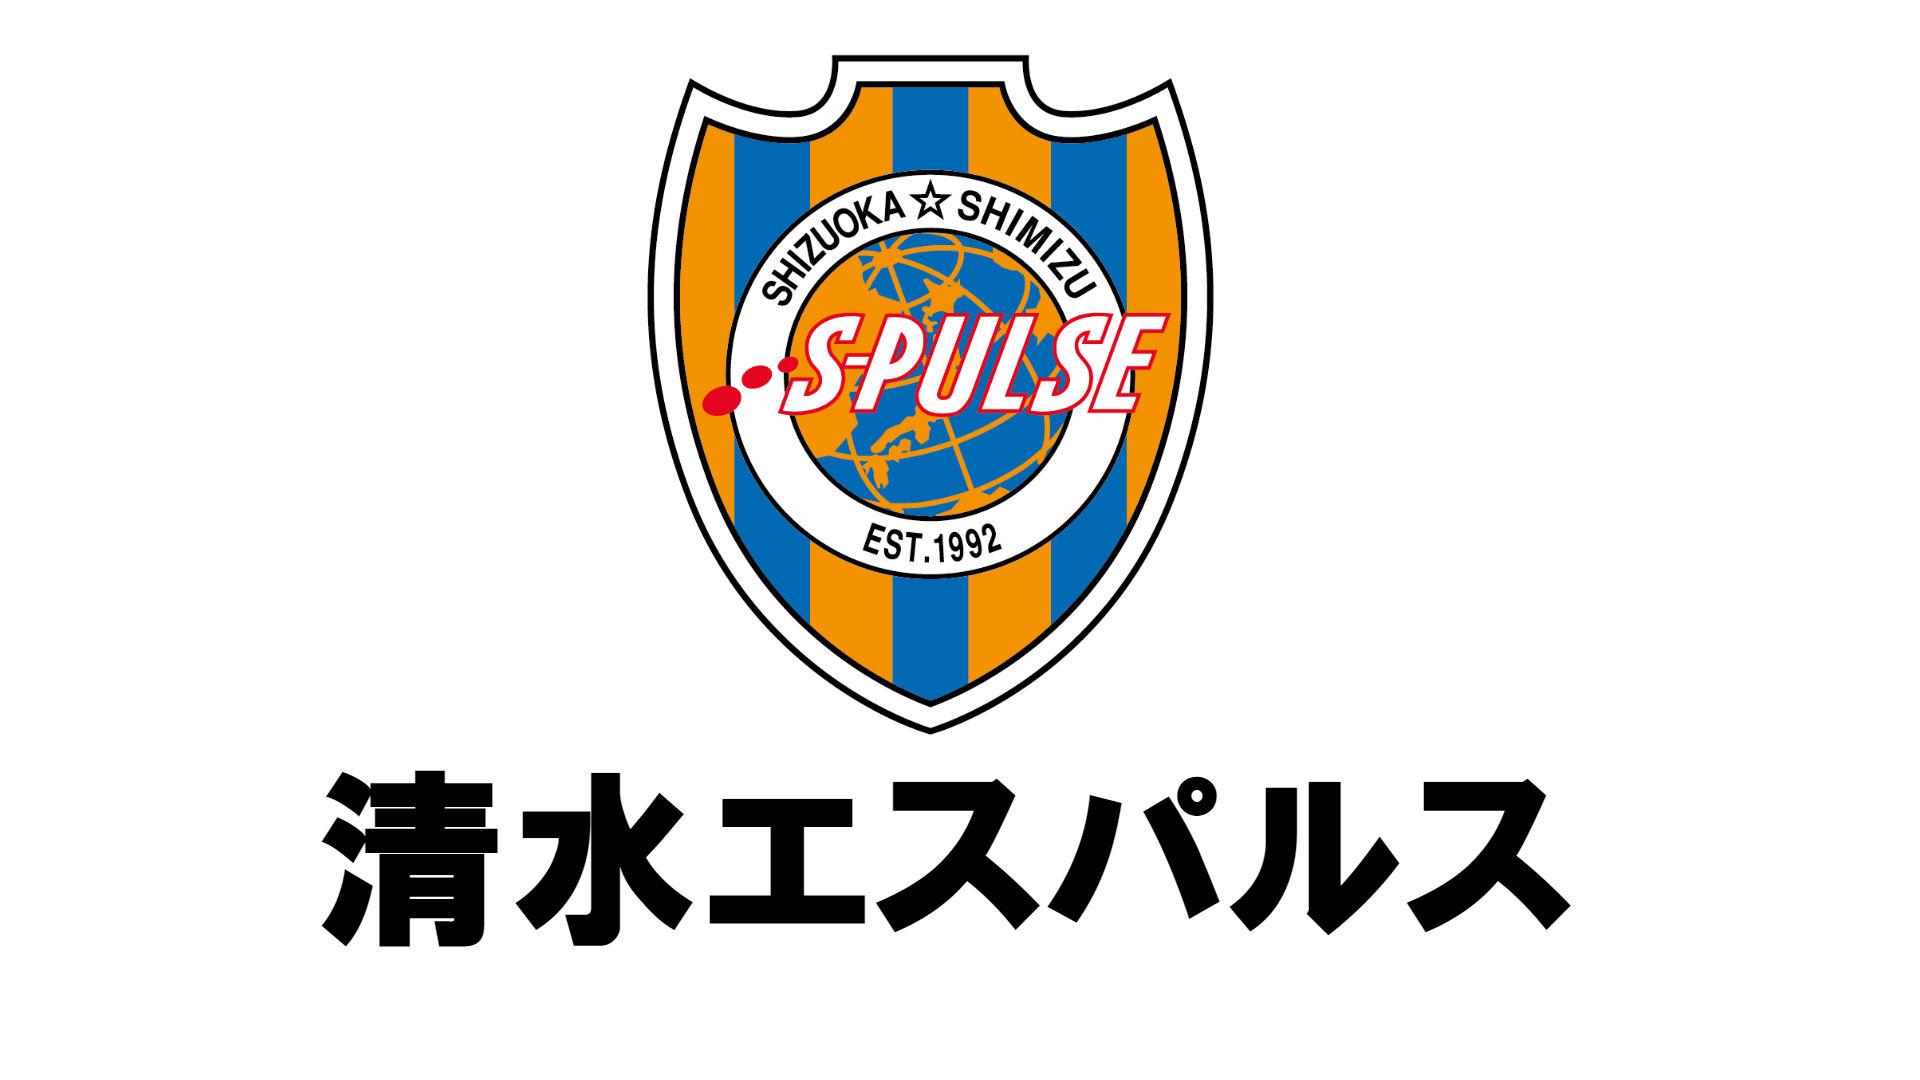 清水エスパルス.jpg